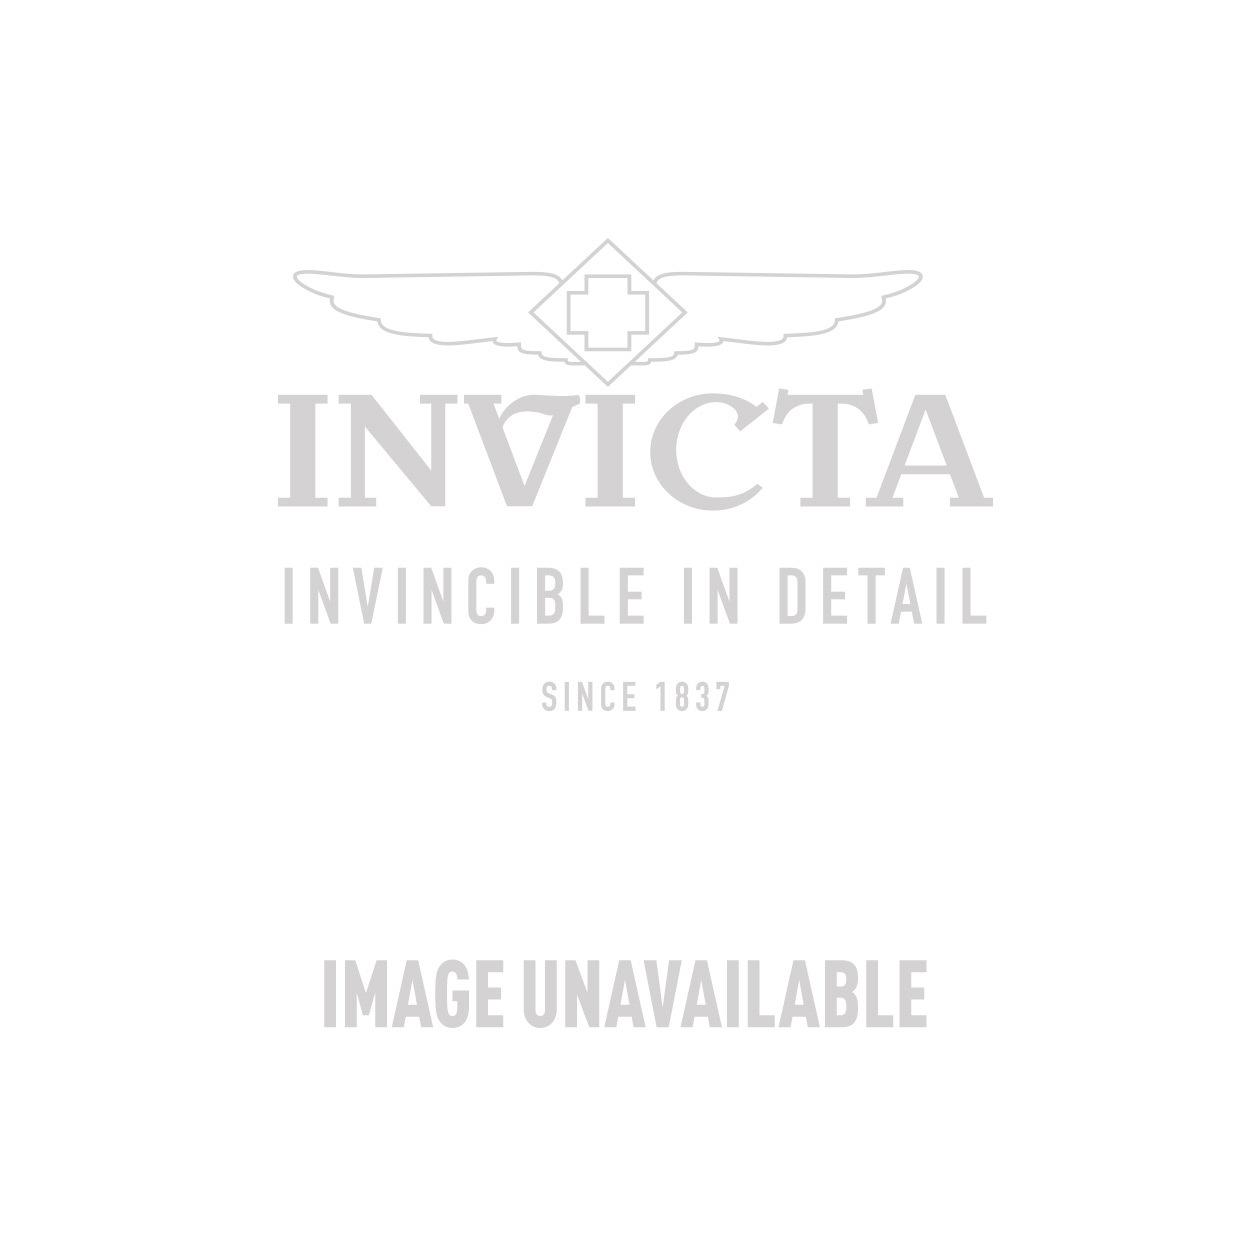 Invicta Model 29187